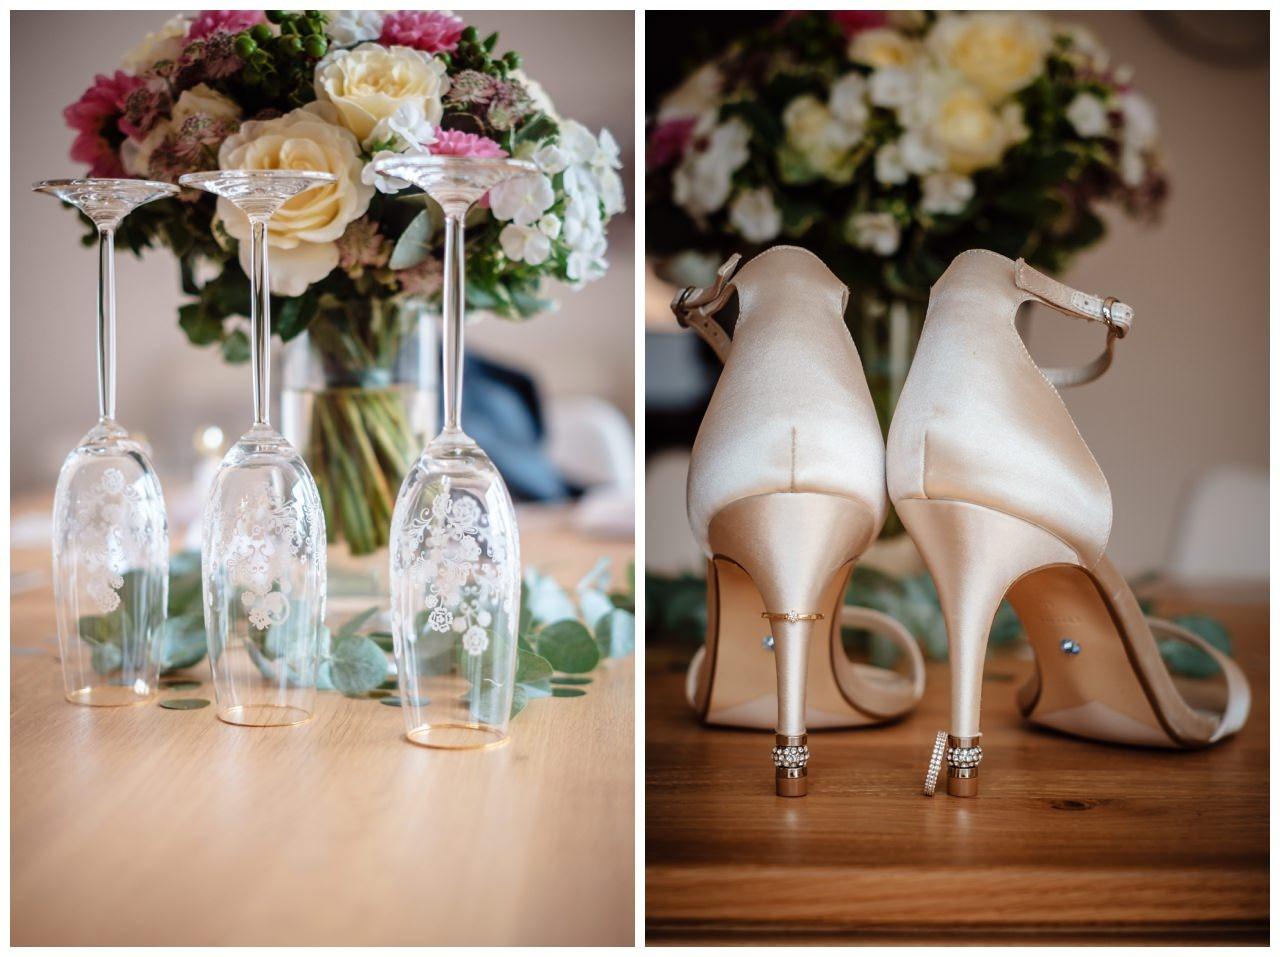 Hochzeit Seeblick Haltern Fotograf Heiraten Elegant  4 - Hochzeit im Seeblick in Haltern